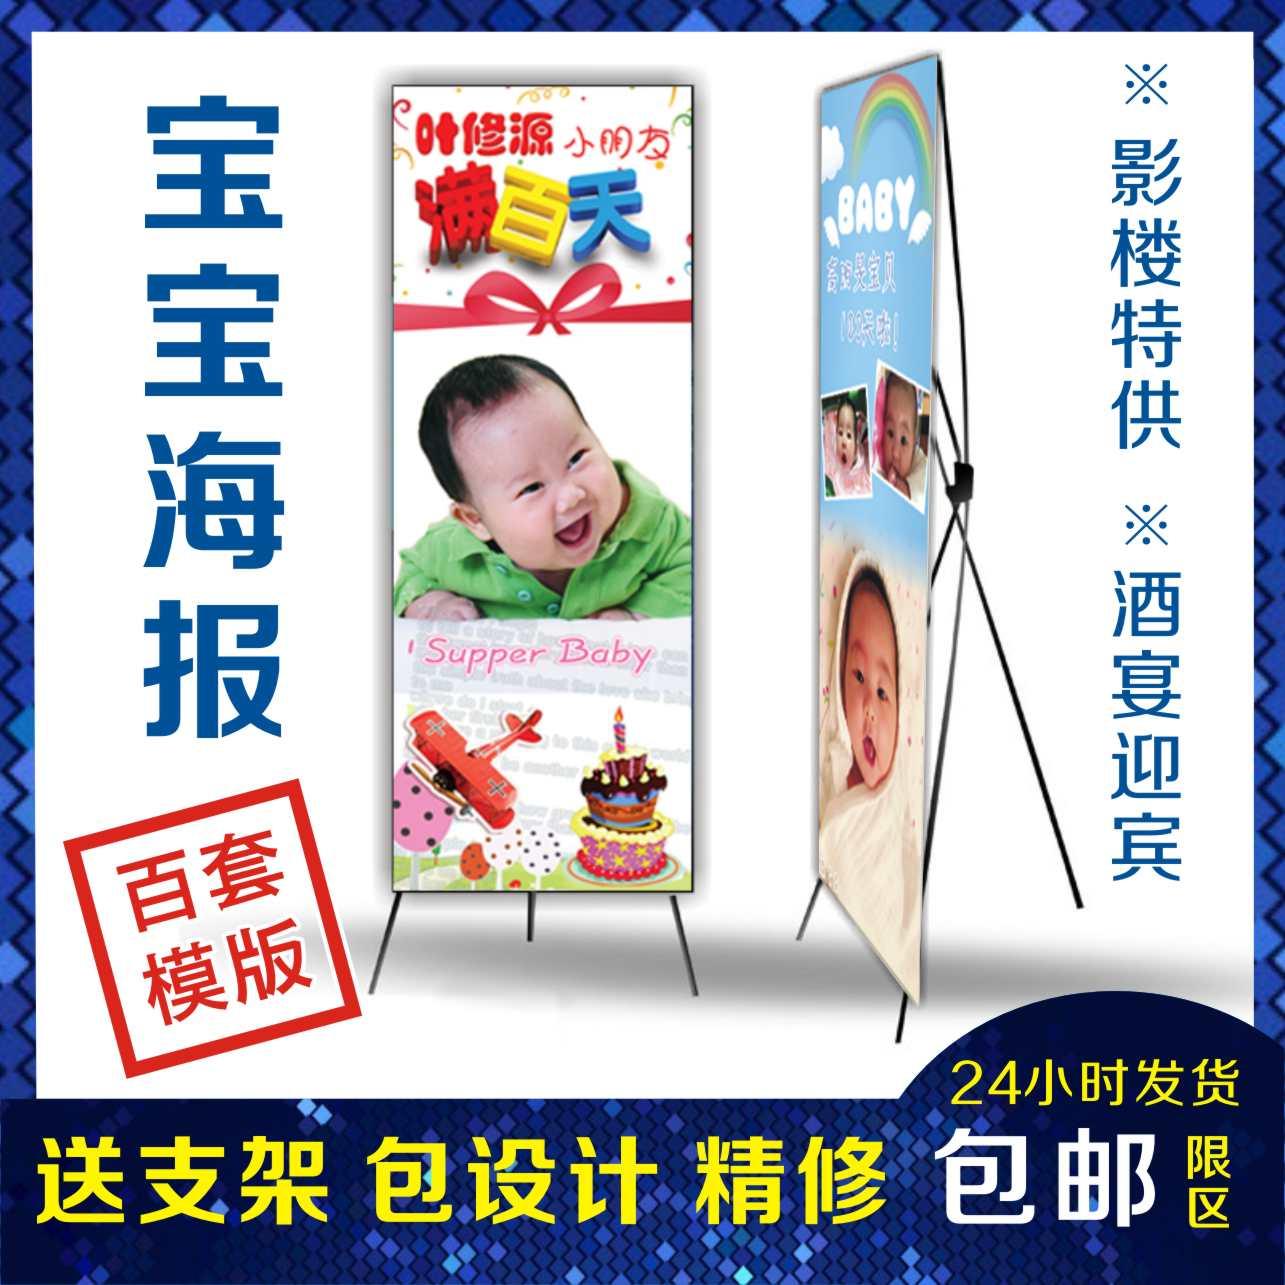 定做布置宝宝满月百日百天 周岁生日宴照片海报 酒店迎宾海报制作商品图片